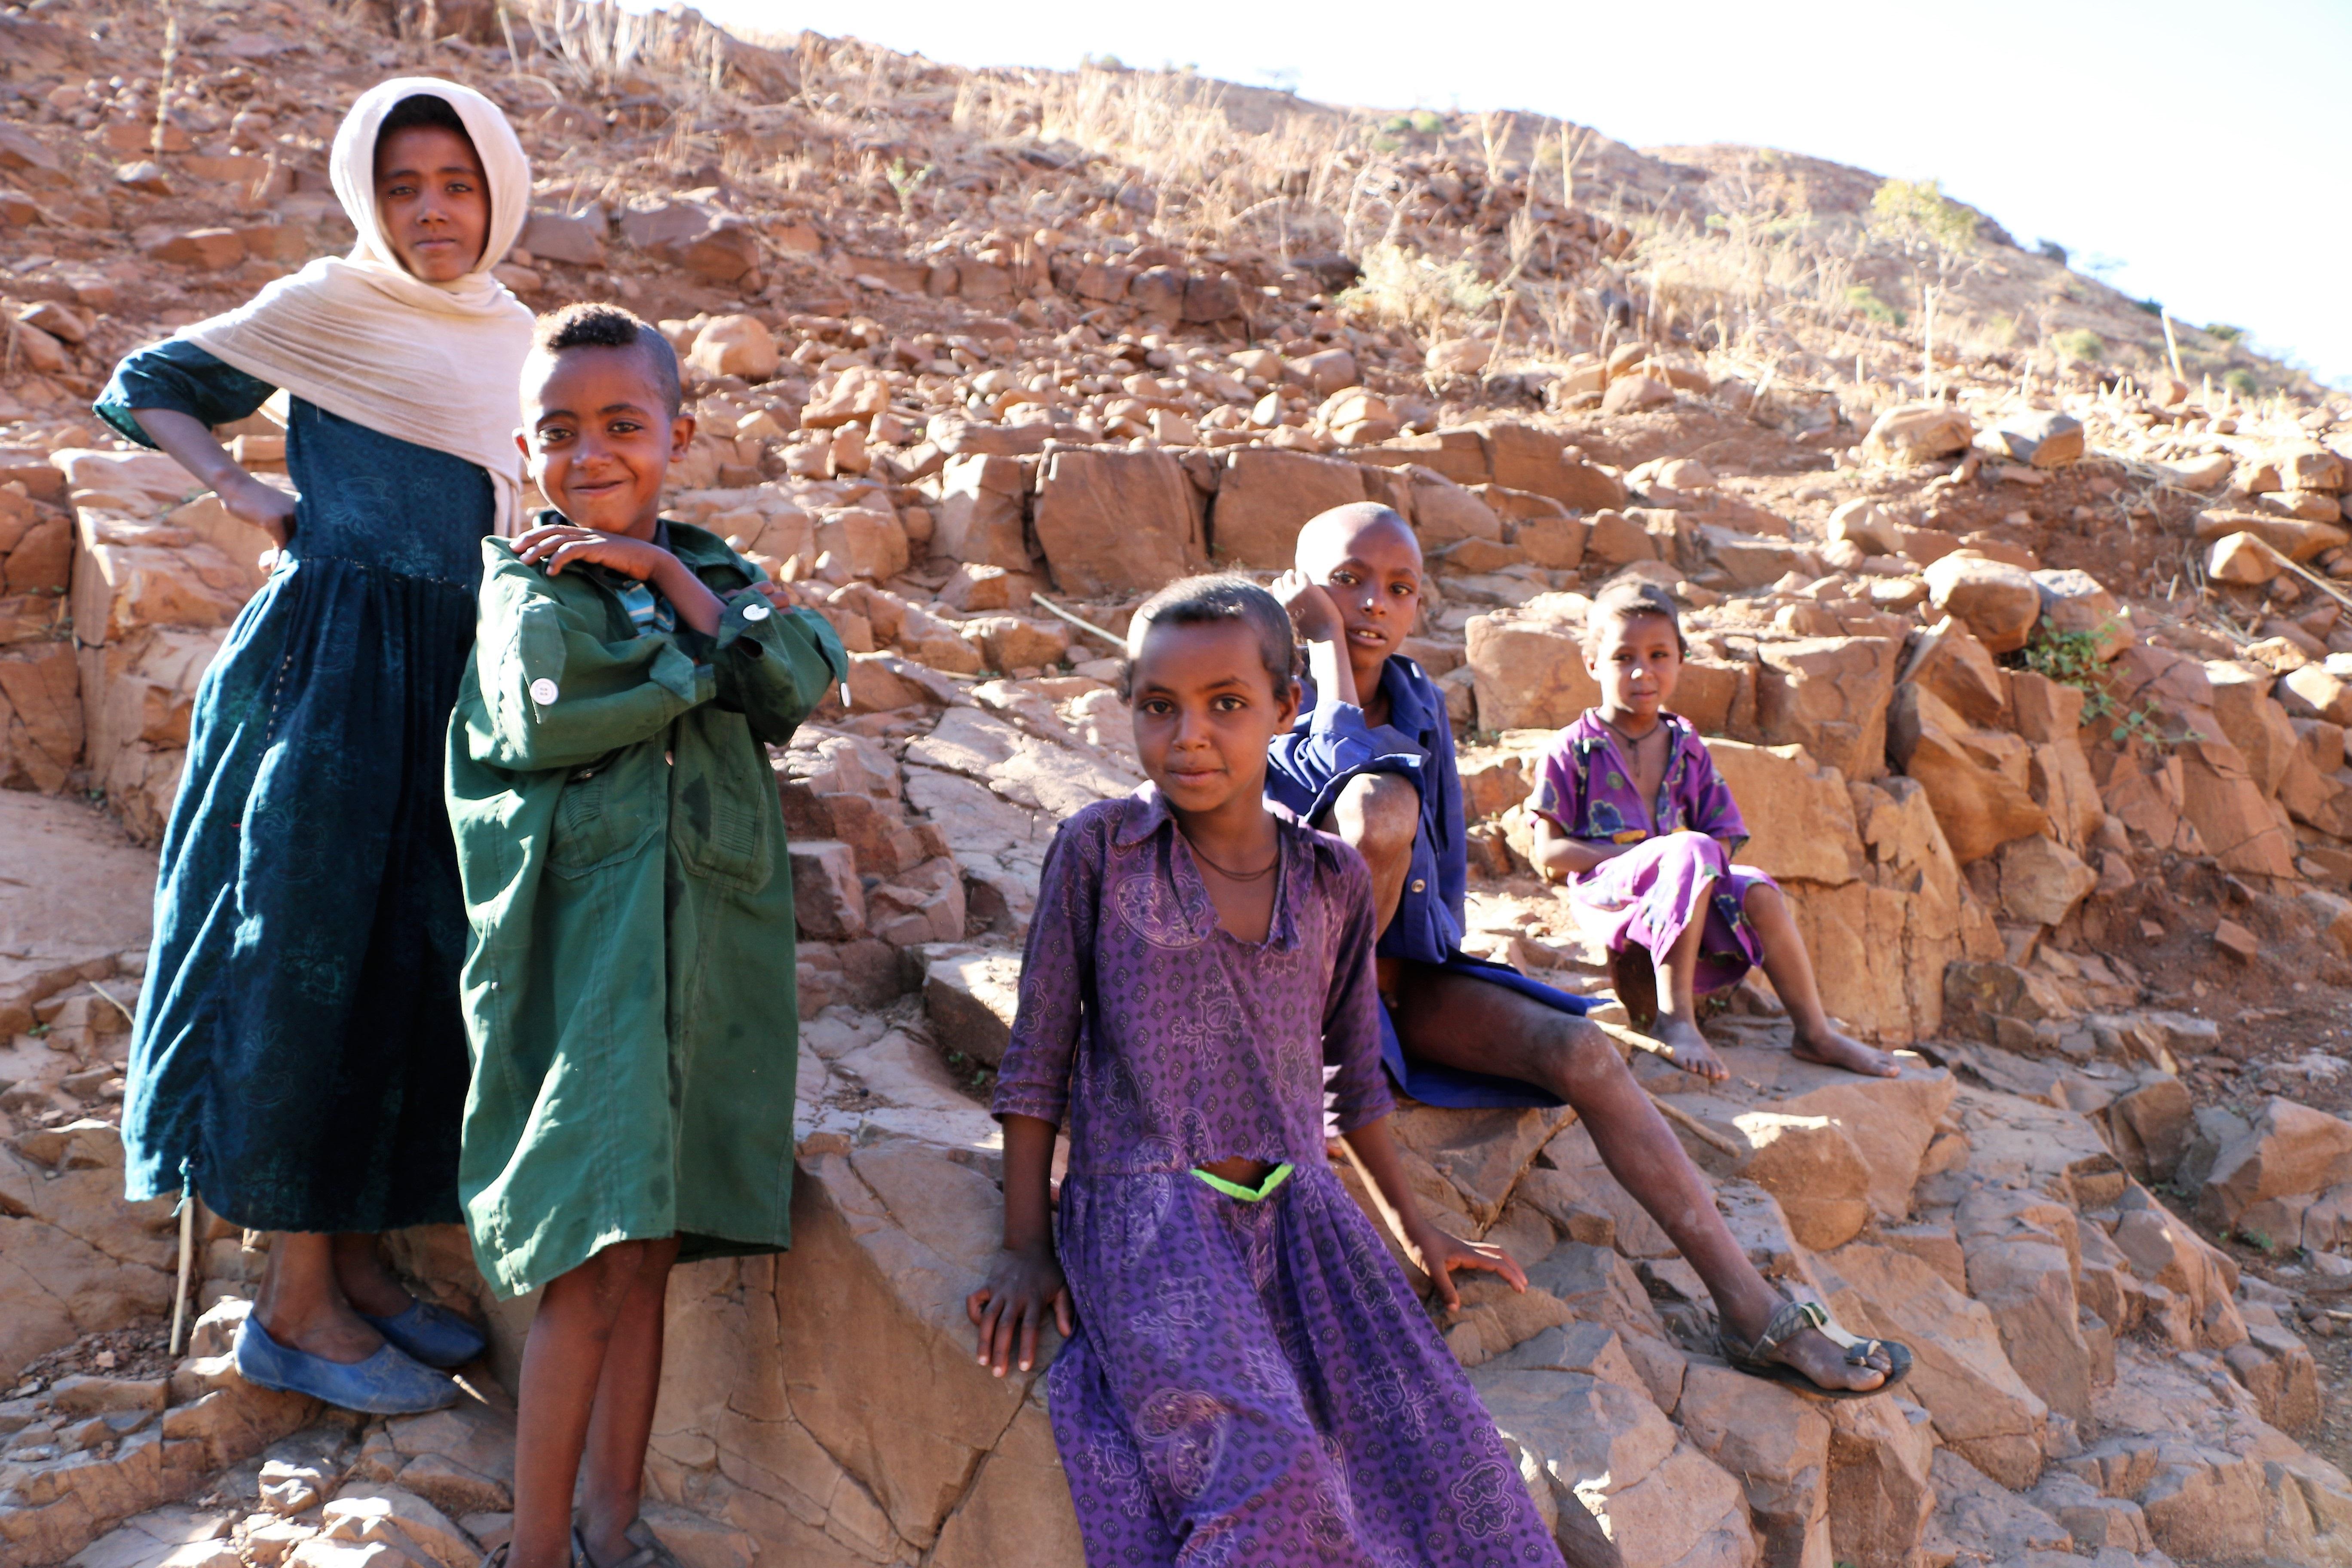 Sucho bráni vzdelaniu, deti sú bez školy